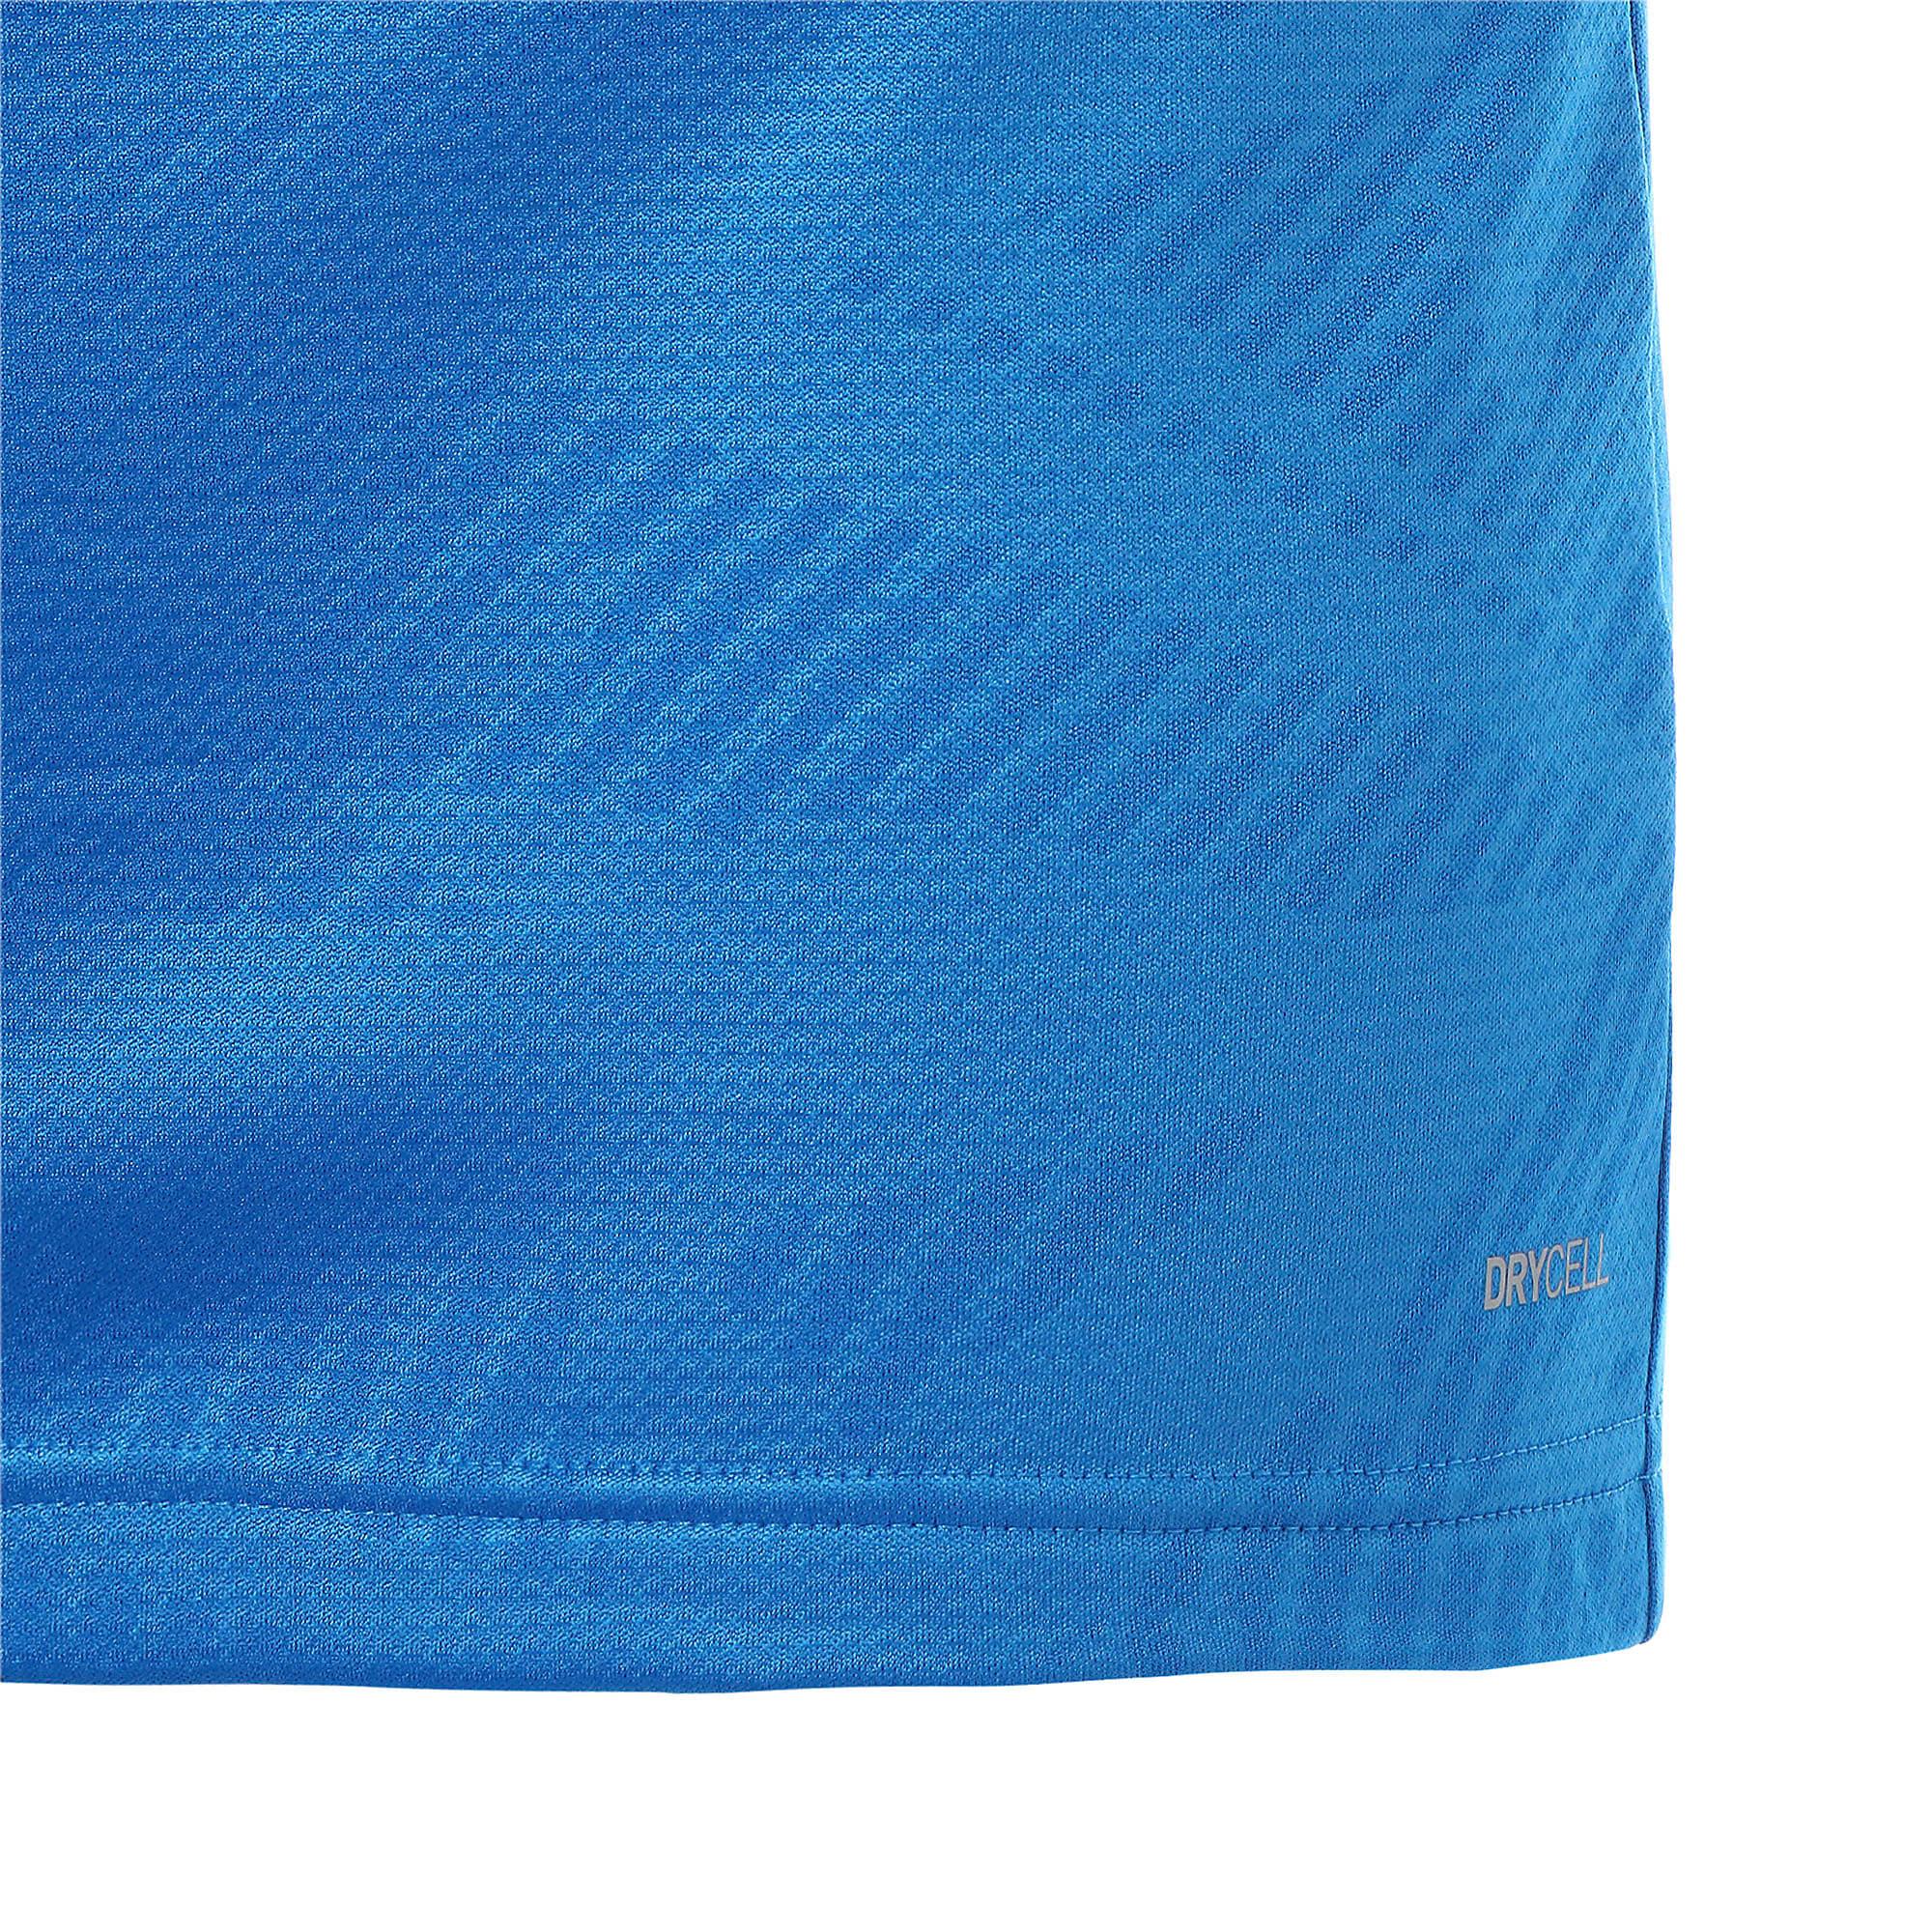 Thumbnail 6 of カップ トレーニング 1/4 ジップ コア, Electr Blue Lemonade-Peacoat, medium-JPN